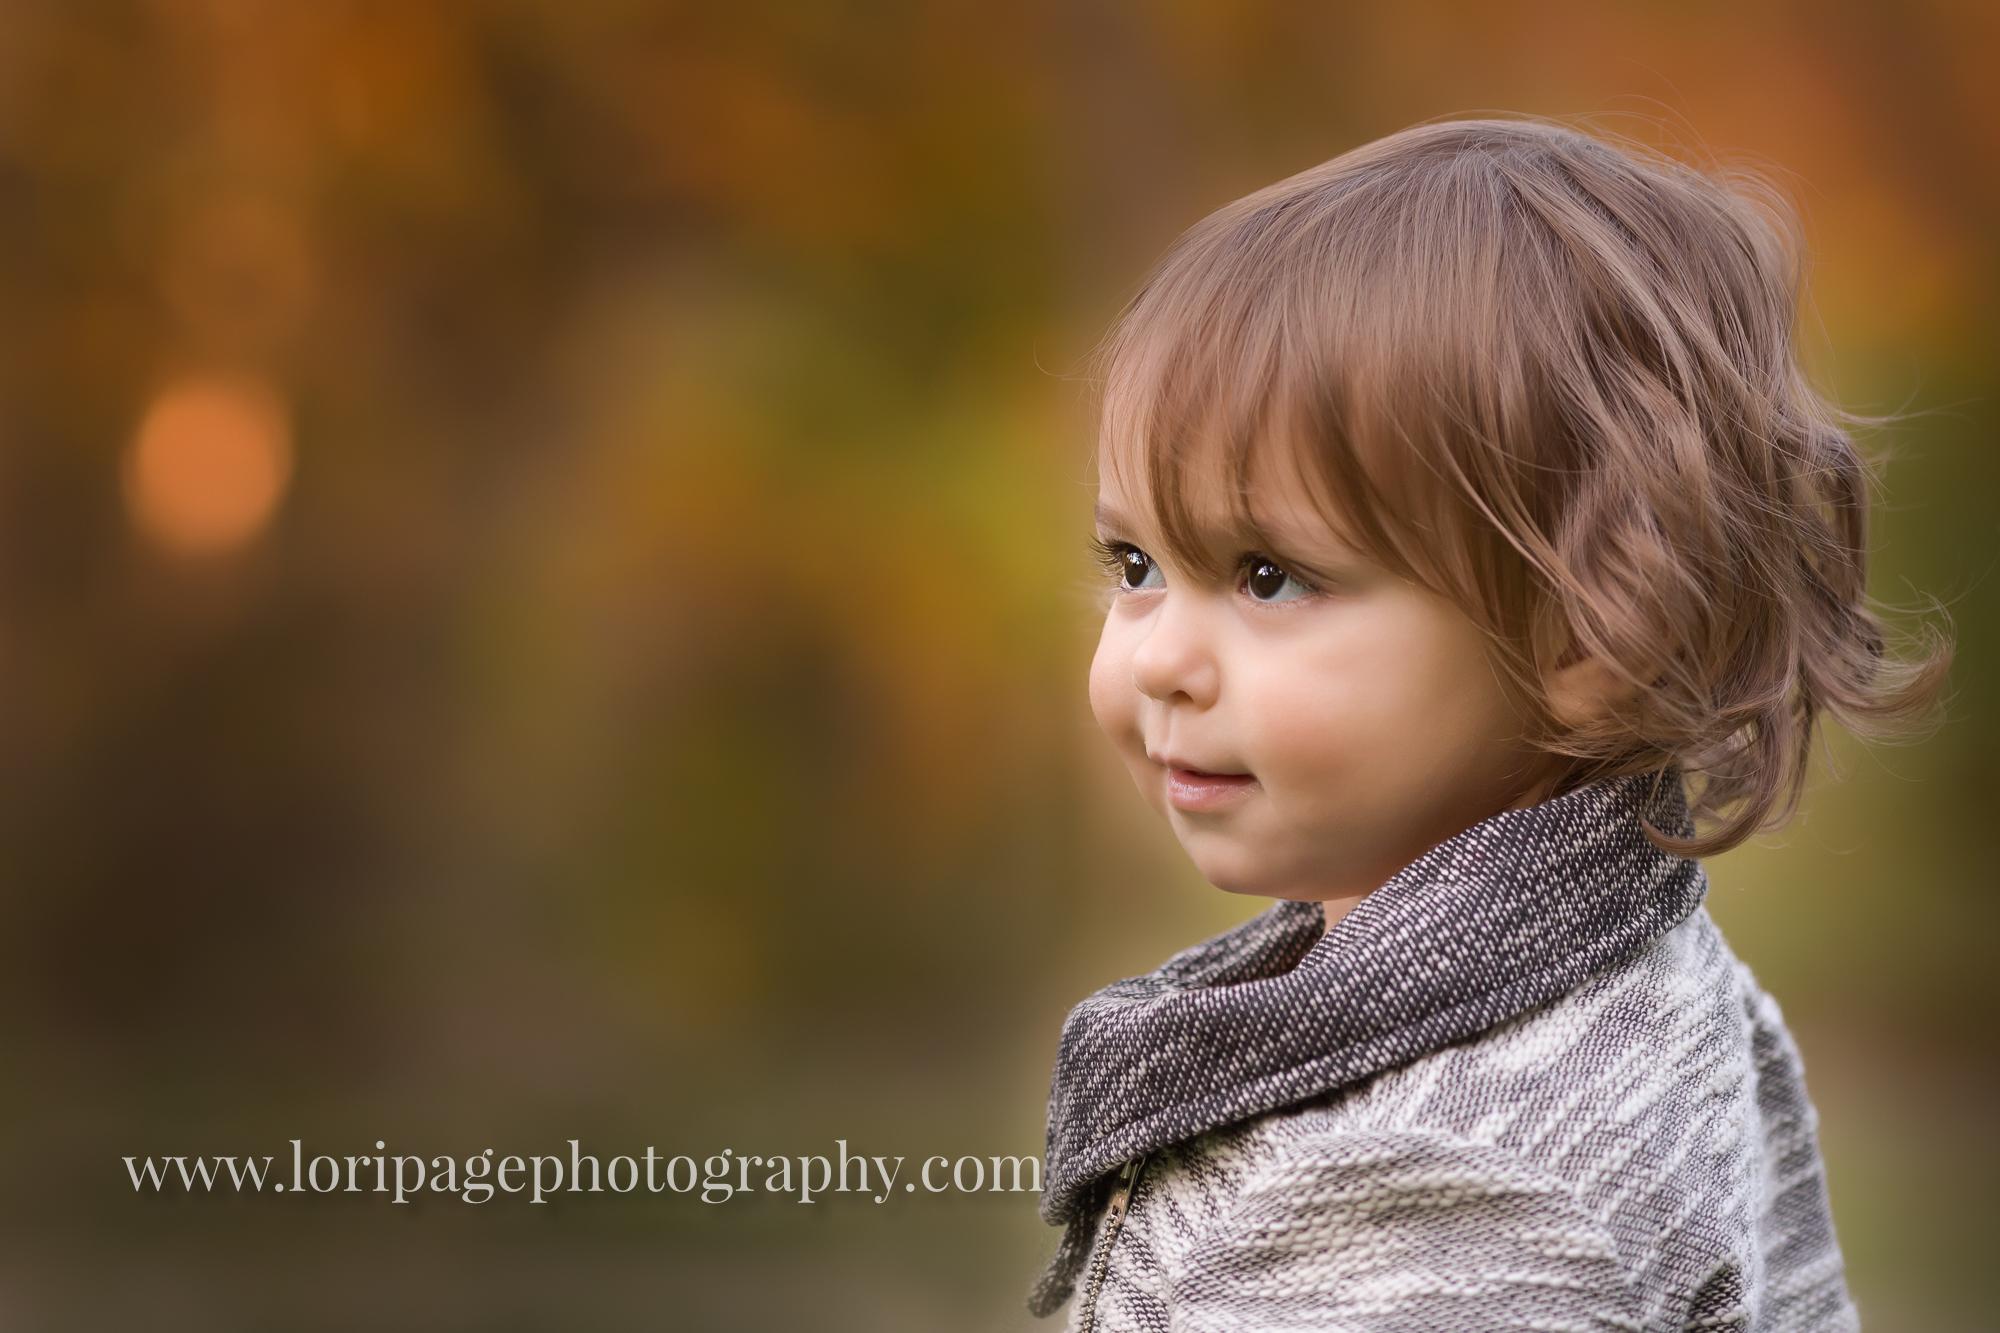 Ann Arbor child portrait photographer